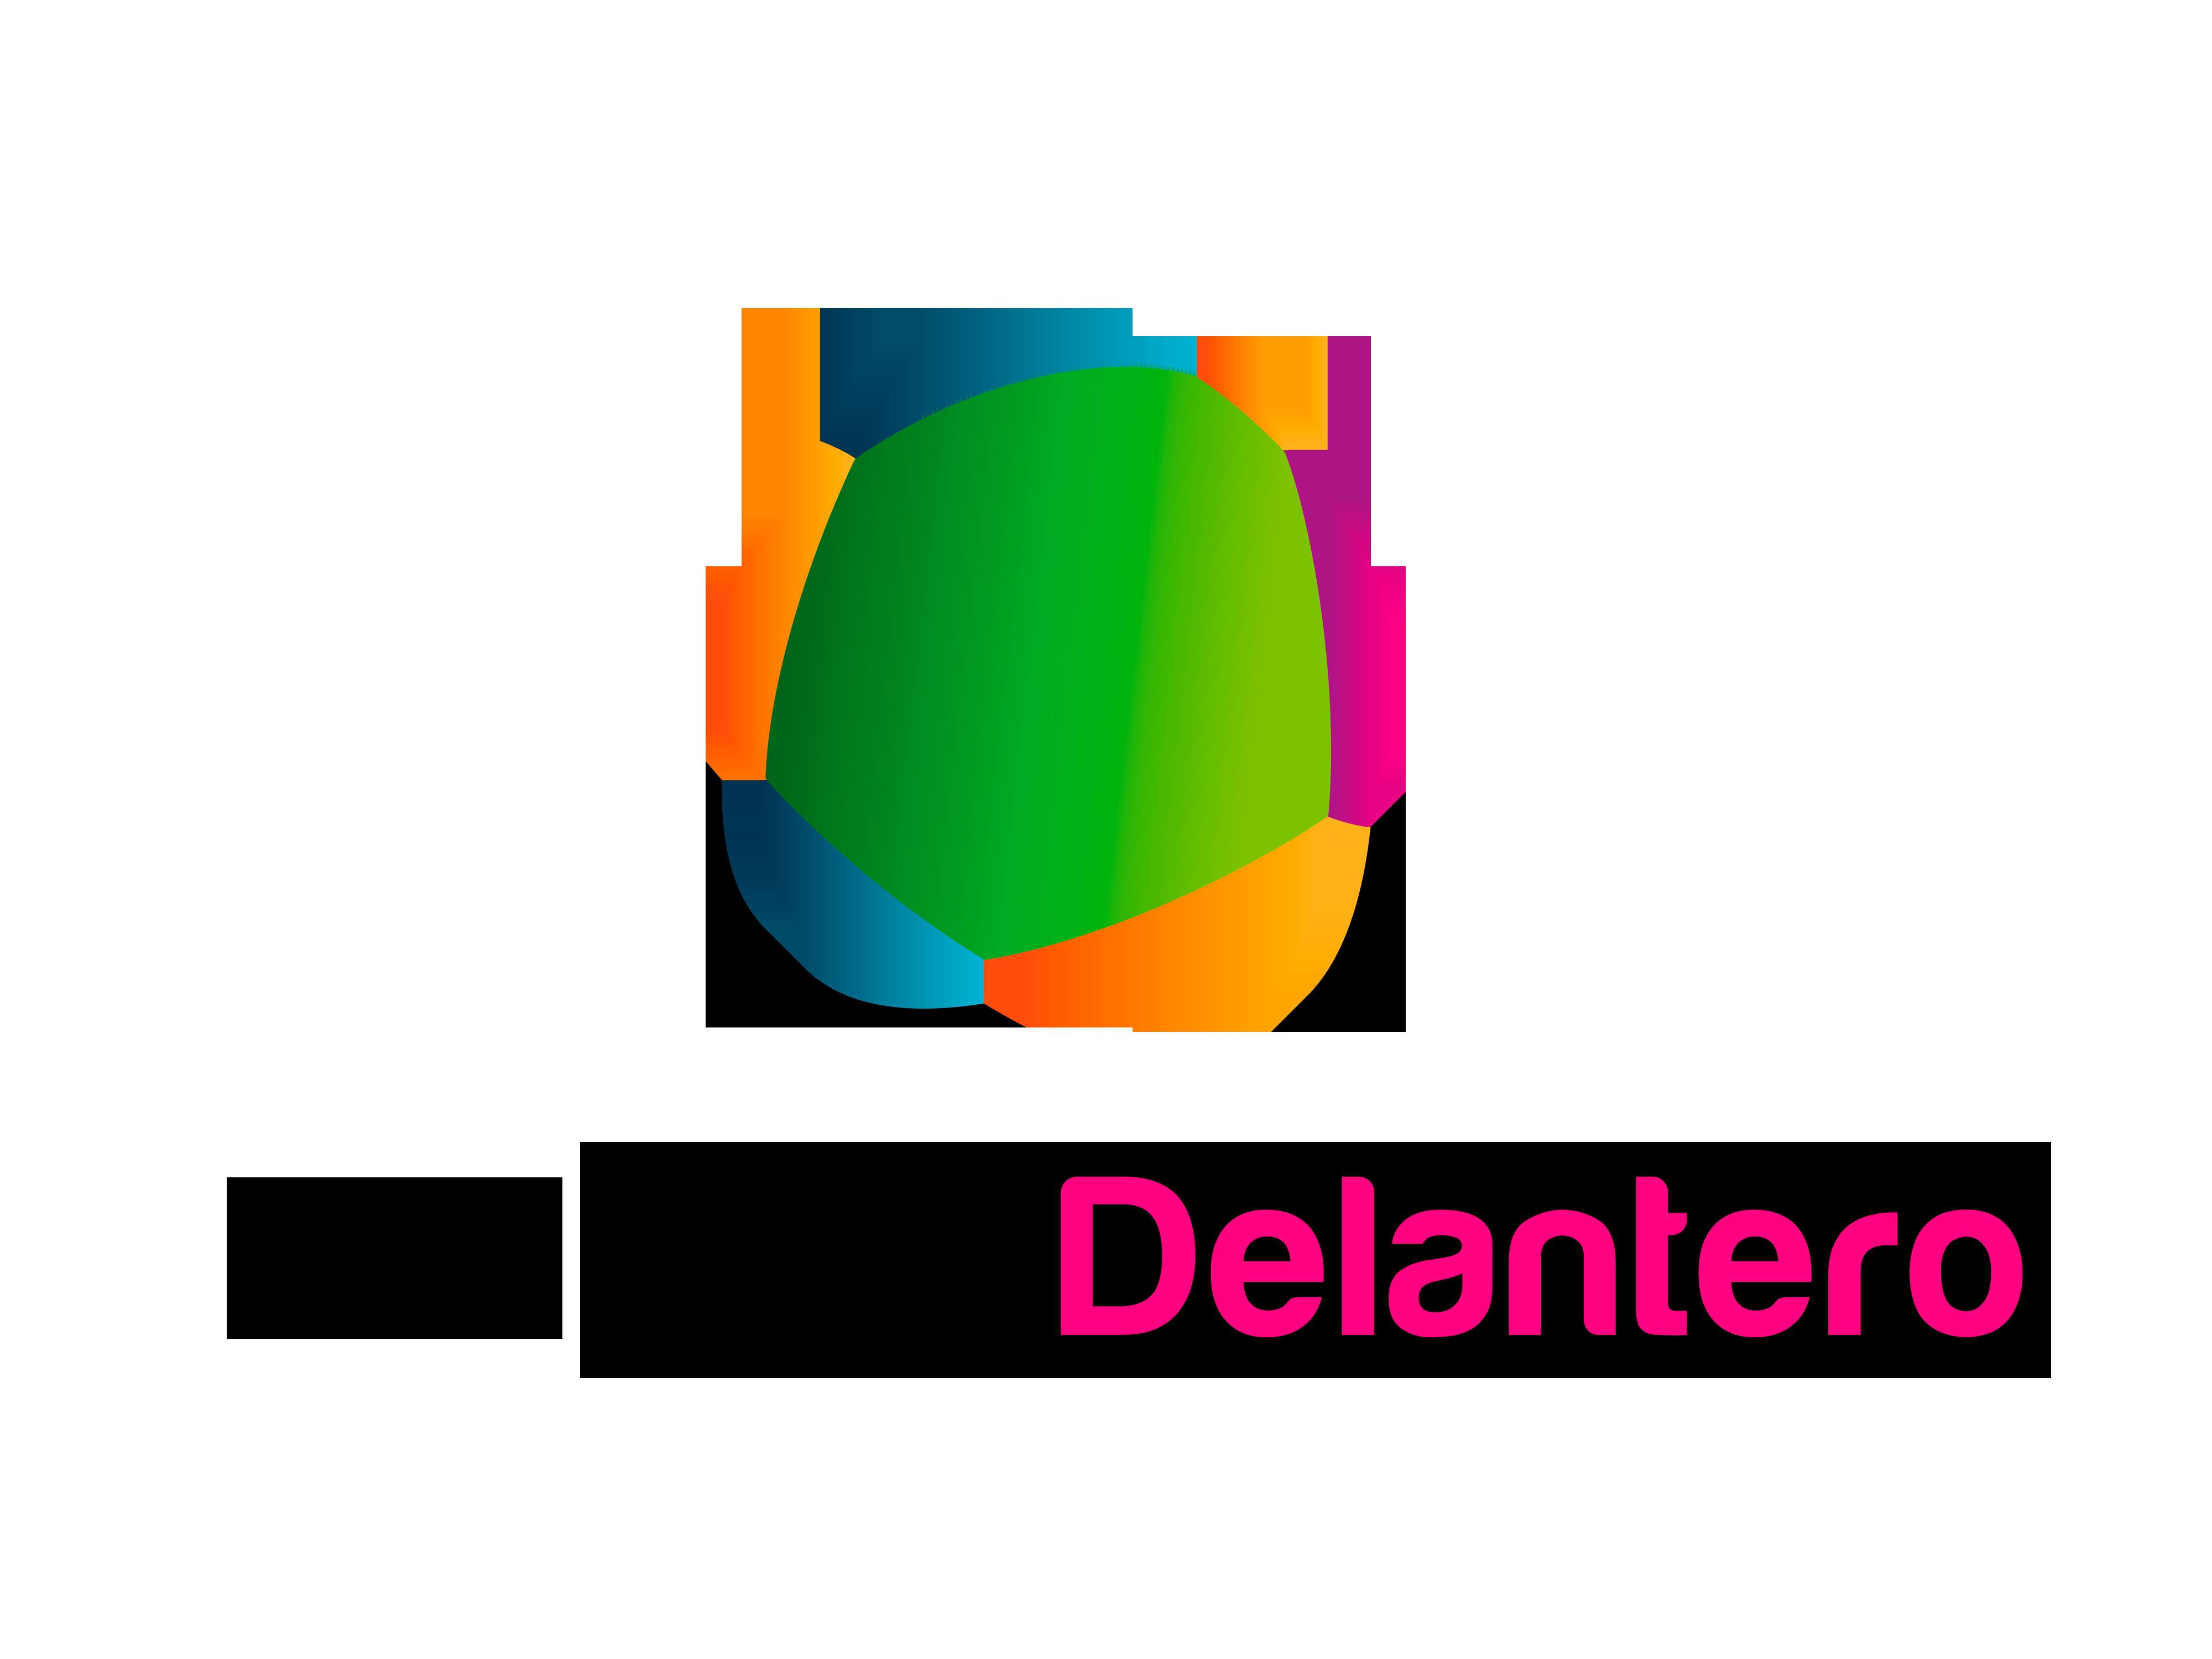 Portero&Delantero explicación del logo